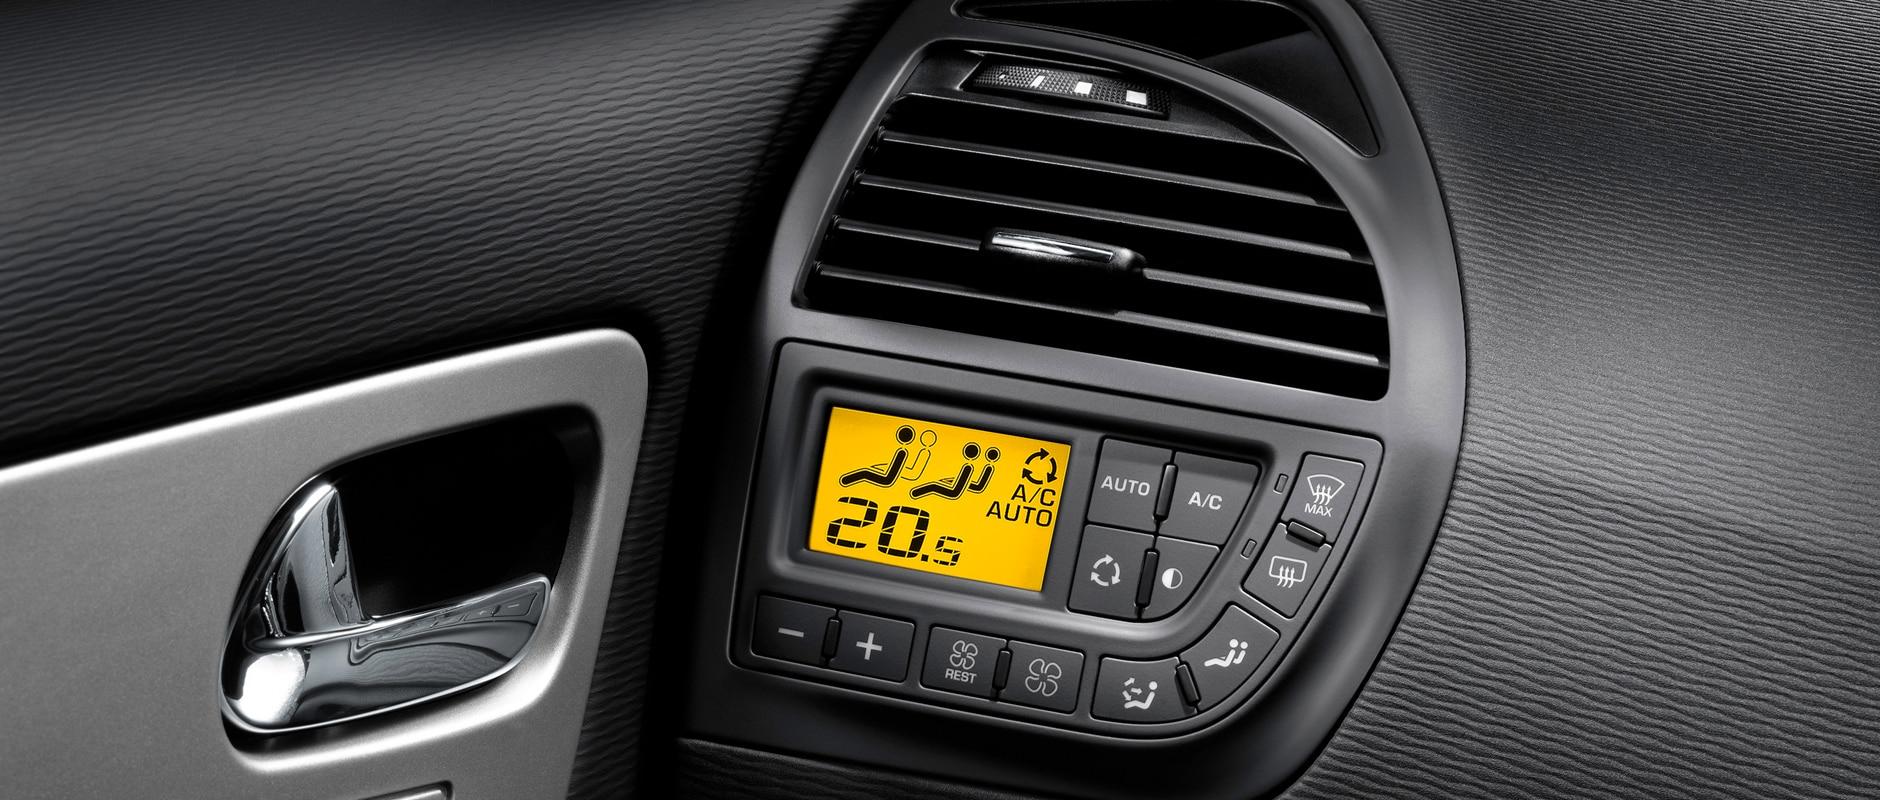 climatisation_automatique-citroen-grand-c4-picasso